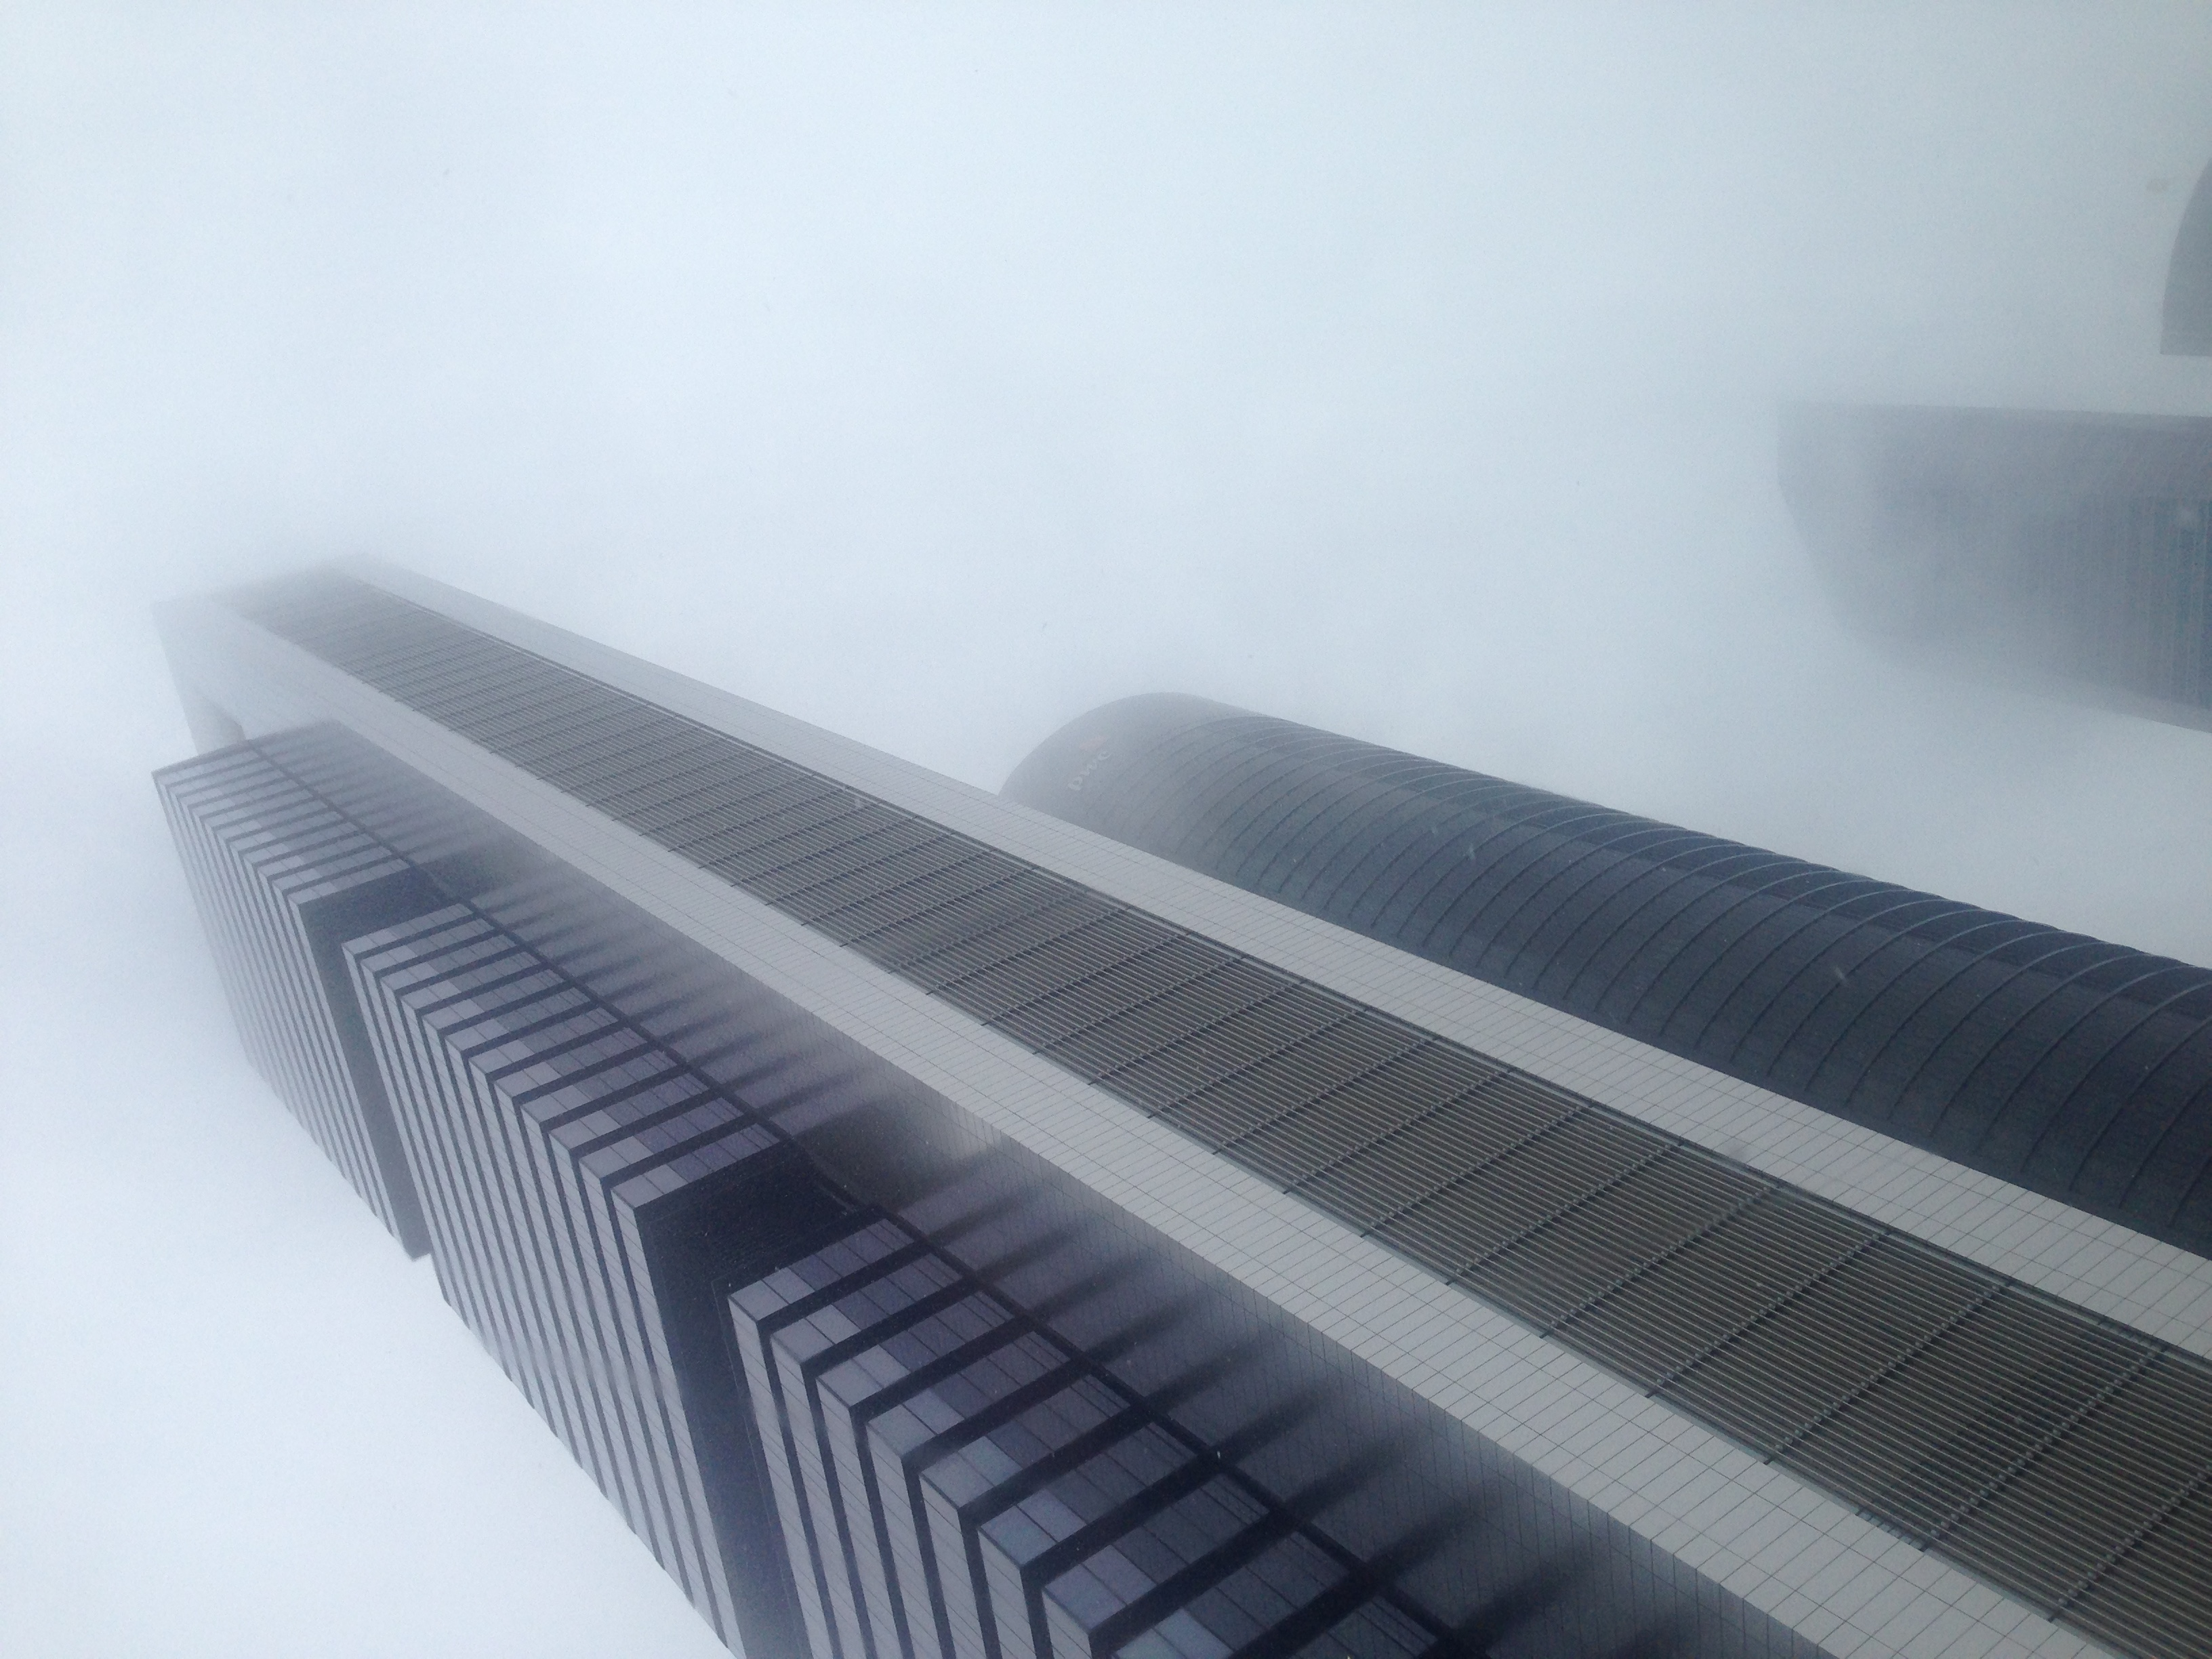 Moody 4 towers buildings